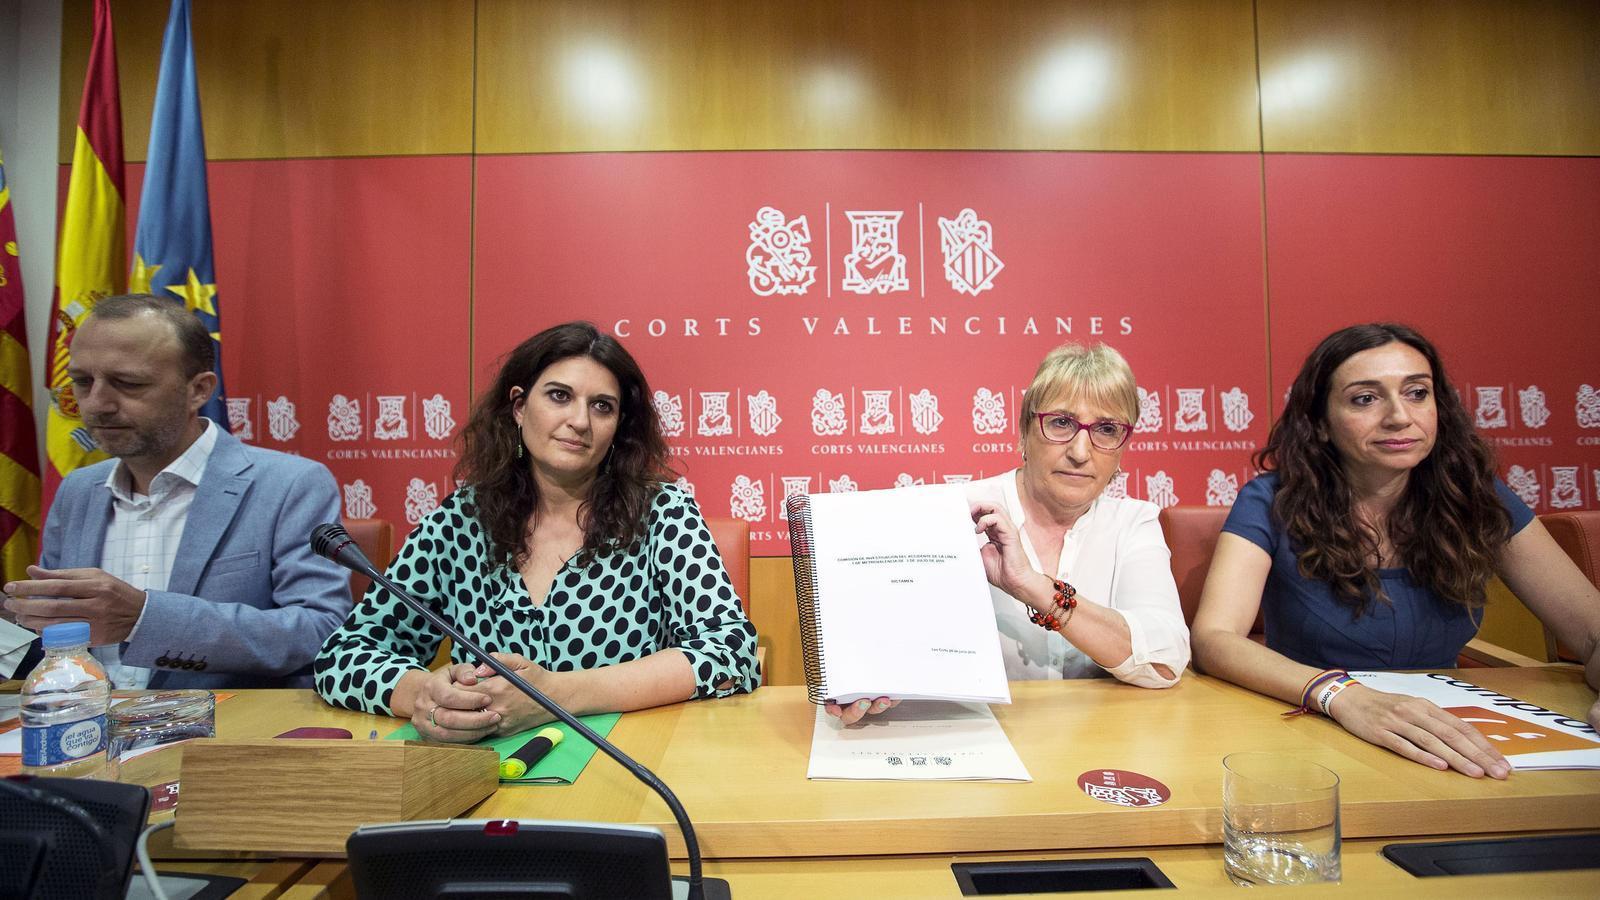 D'esquerra a dreta: El diputat de C's Alexis Marí, de Podem, Fabiola Meco; del PSPV, Ana Barceló; i de Compromís, Isaura Navarro.